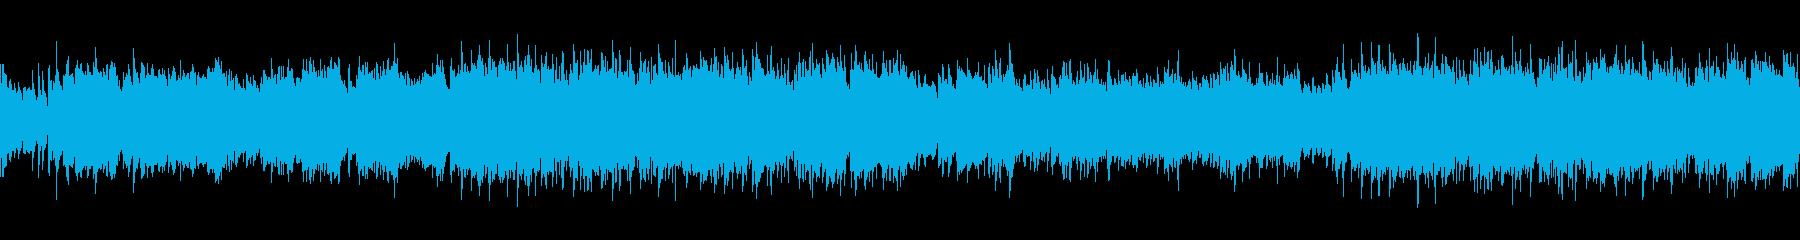 ループ・情熱的な異国の美女・フラメンコの再生済みの波形